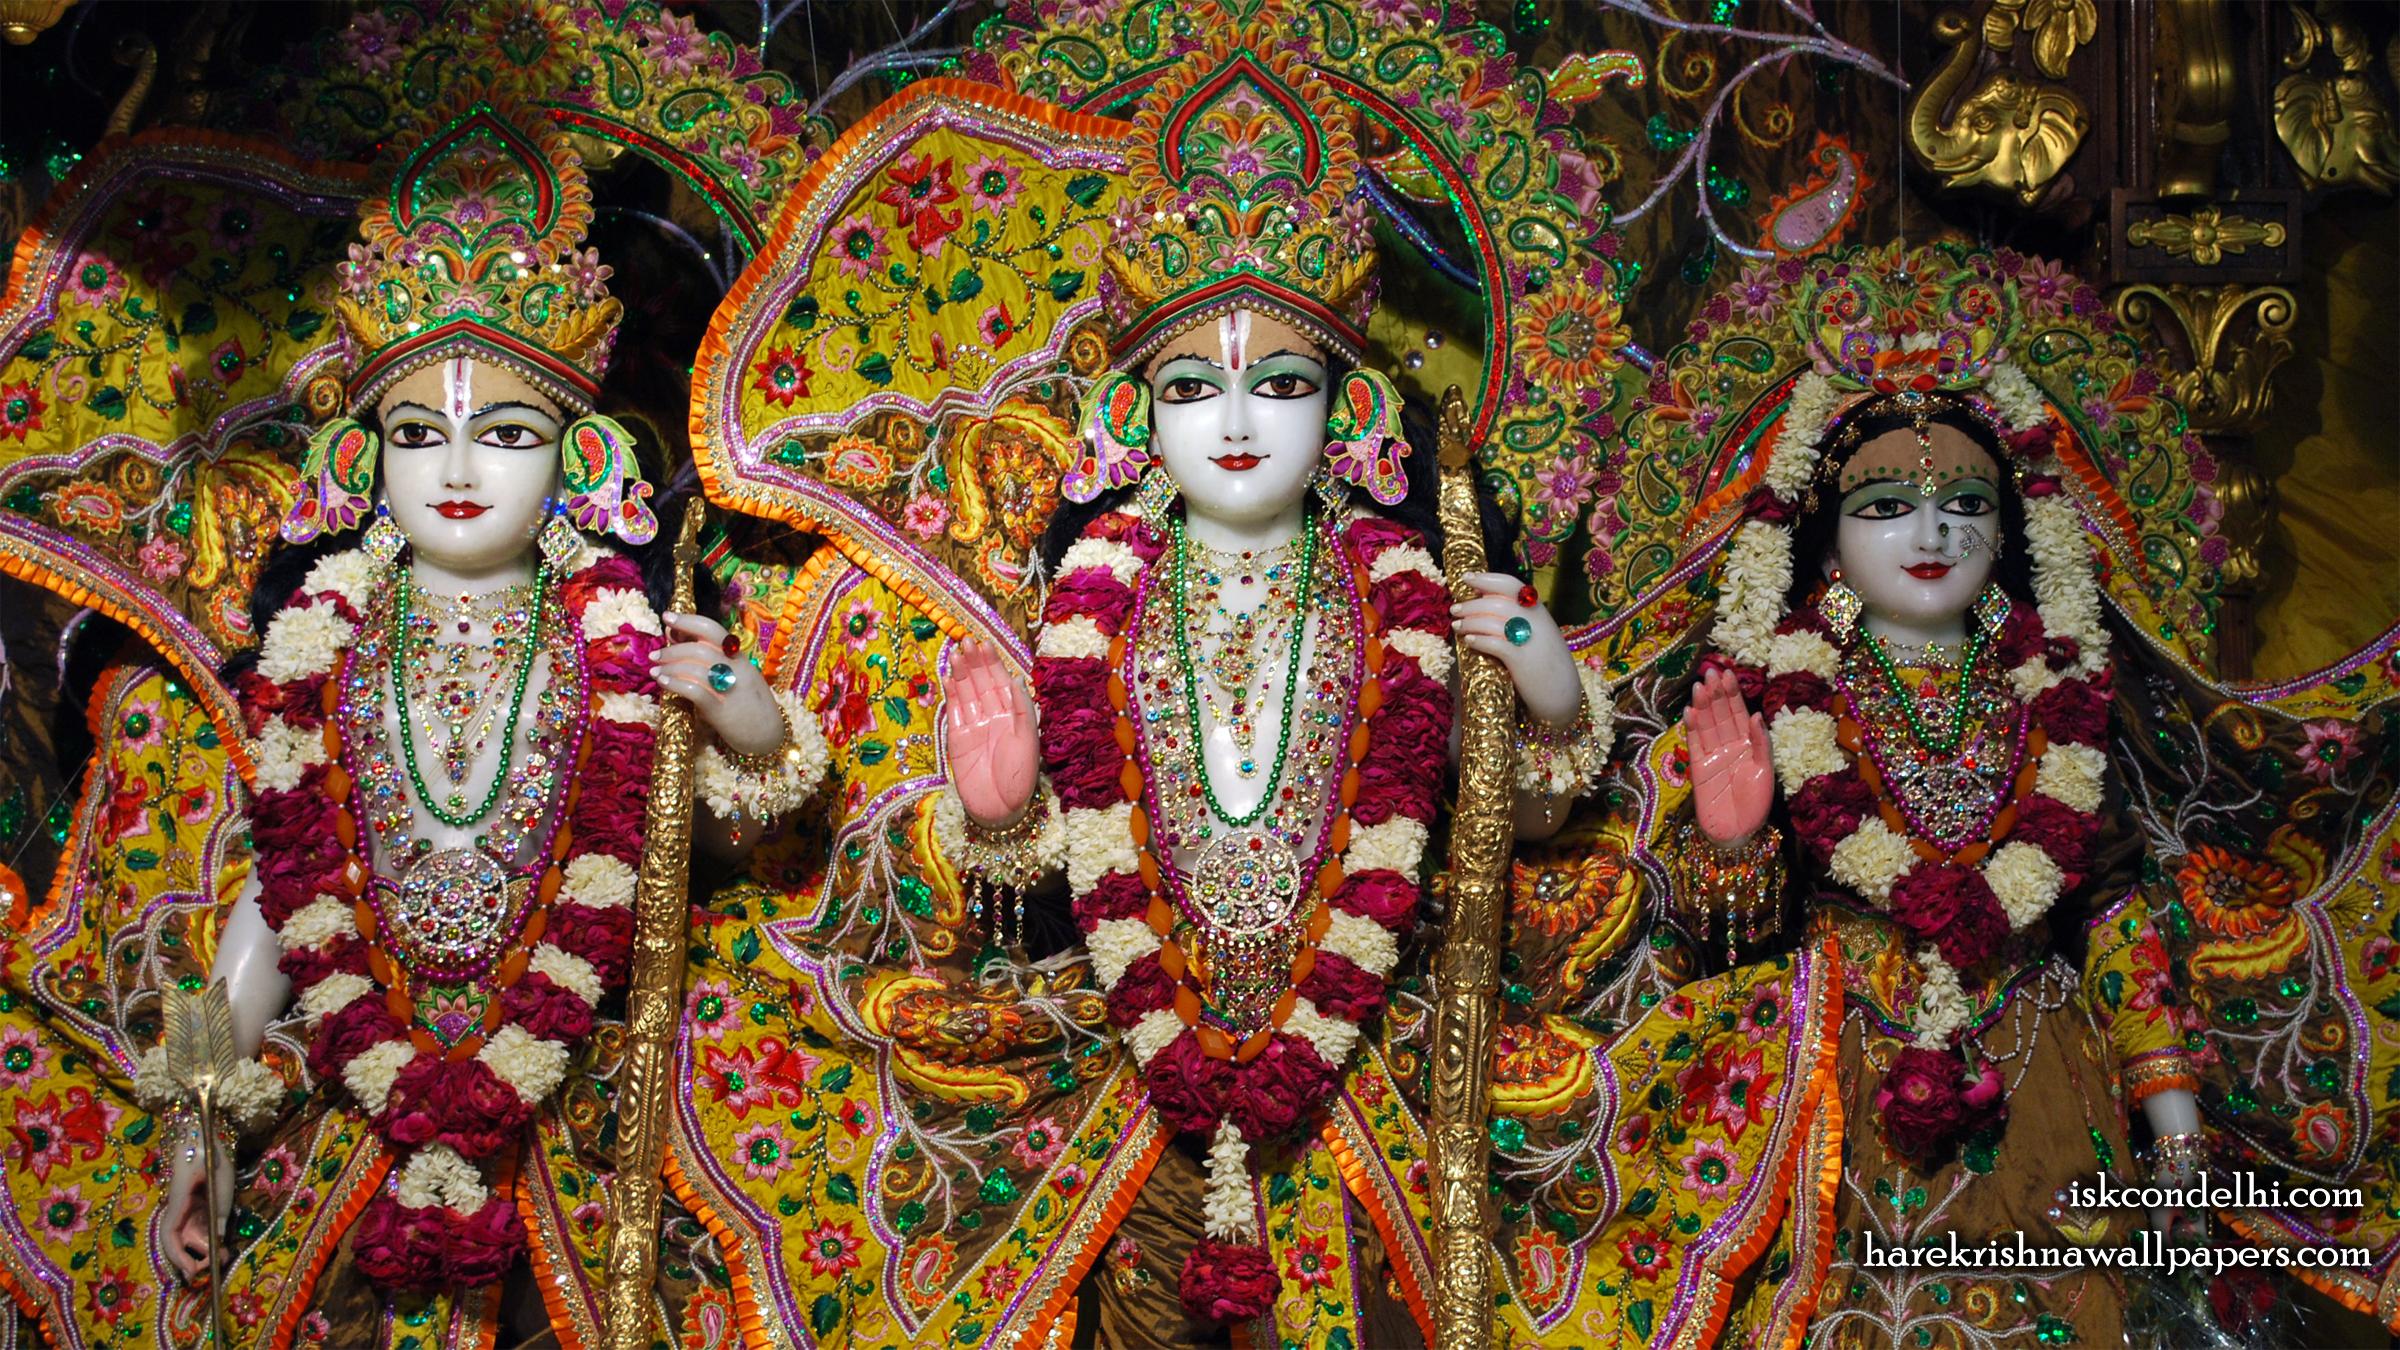 Sri Sri Sita Rama Laxman Wallpaper (003) Size 2400x1350 Download